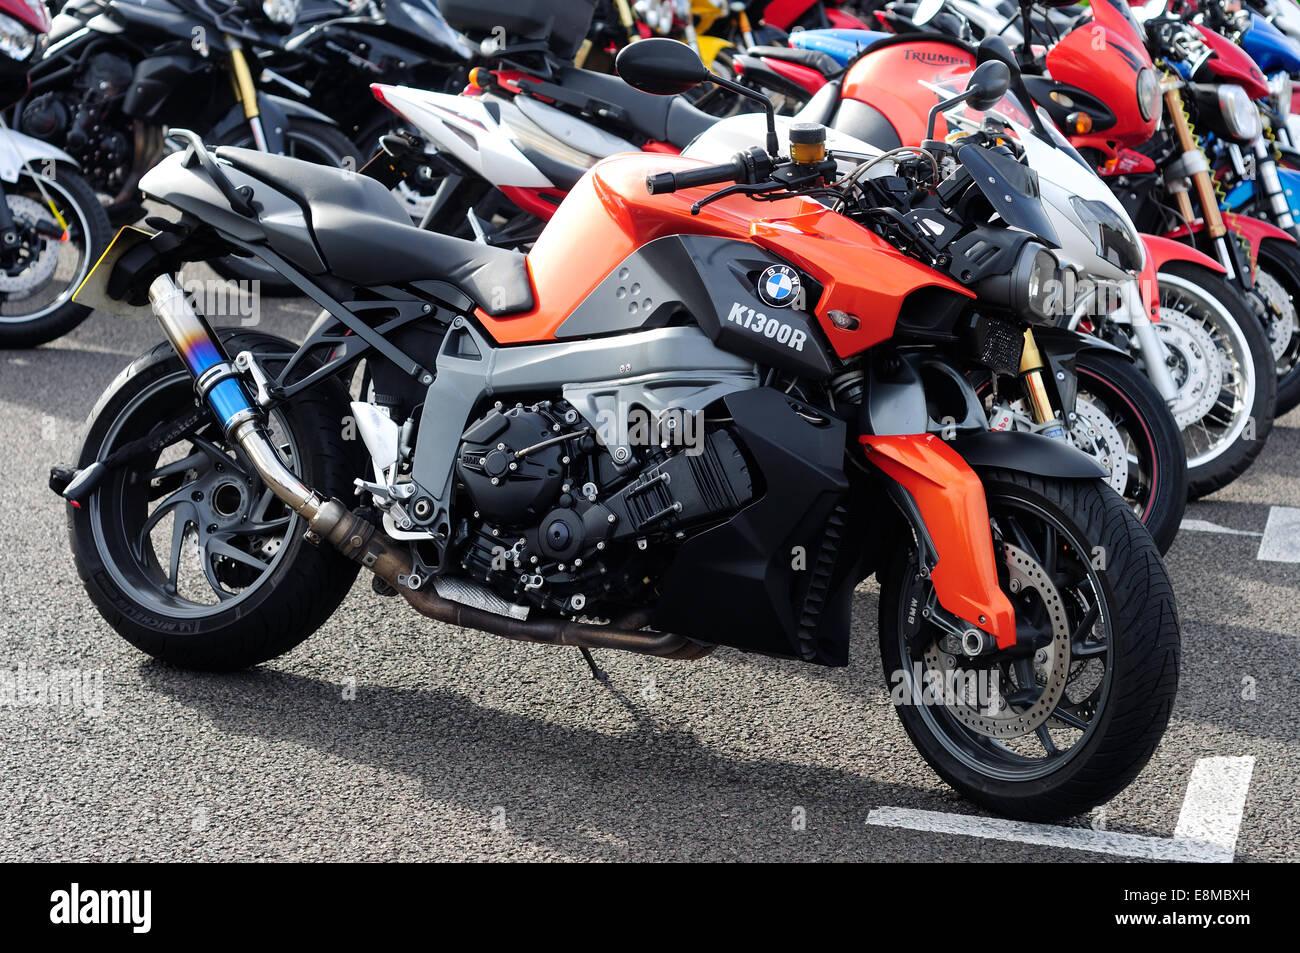 Bmw Sport Bike >> Parked Motorcycles Bmw K1300r Sports Bike Stock Photo 74207129